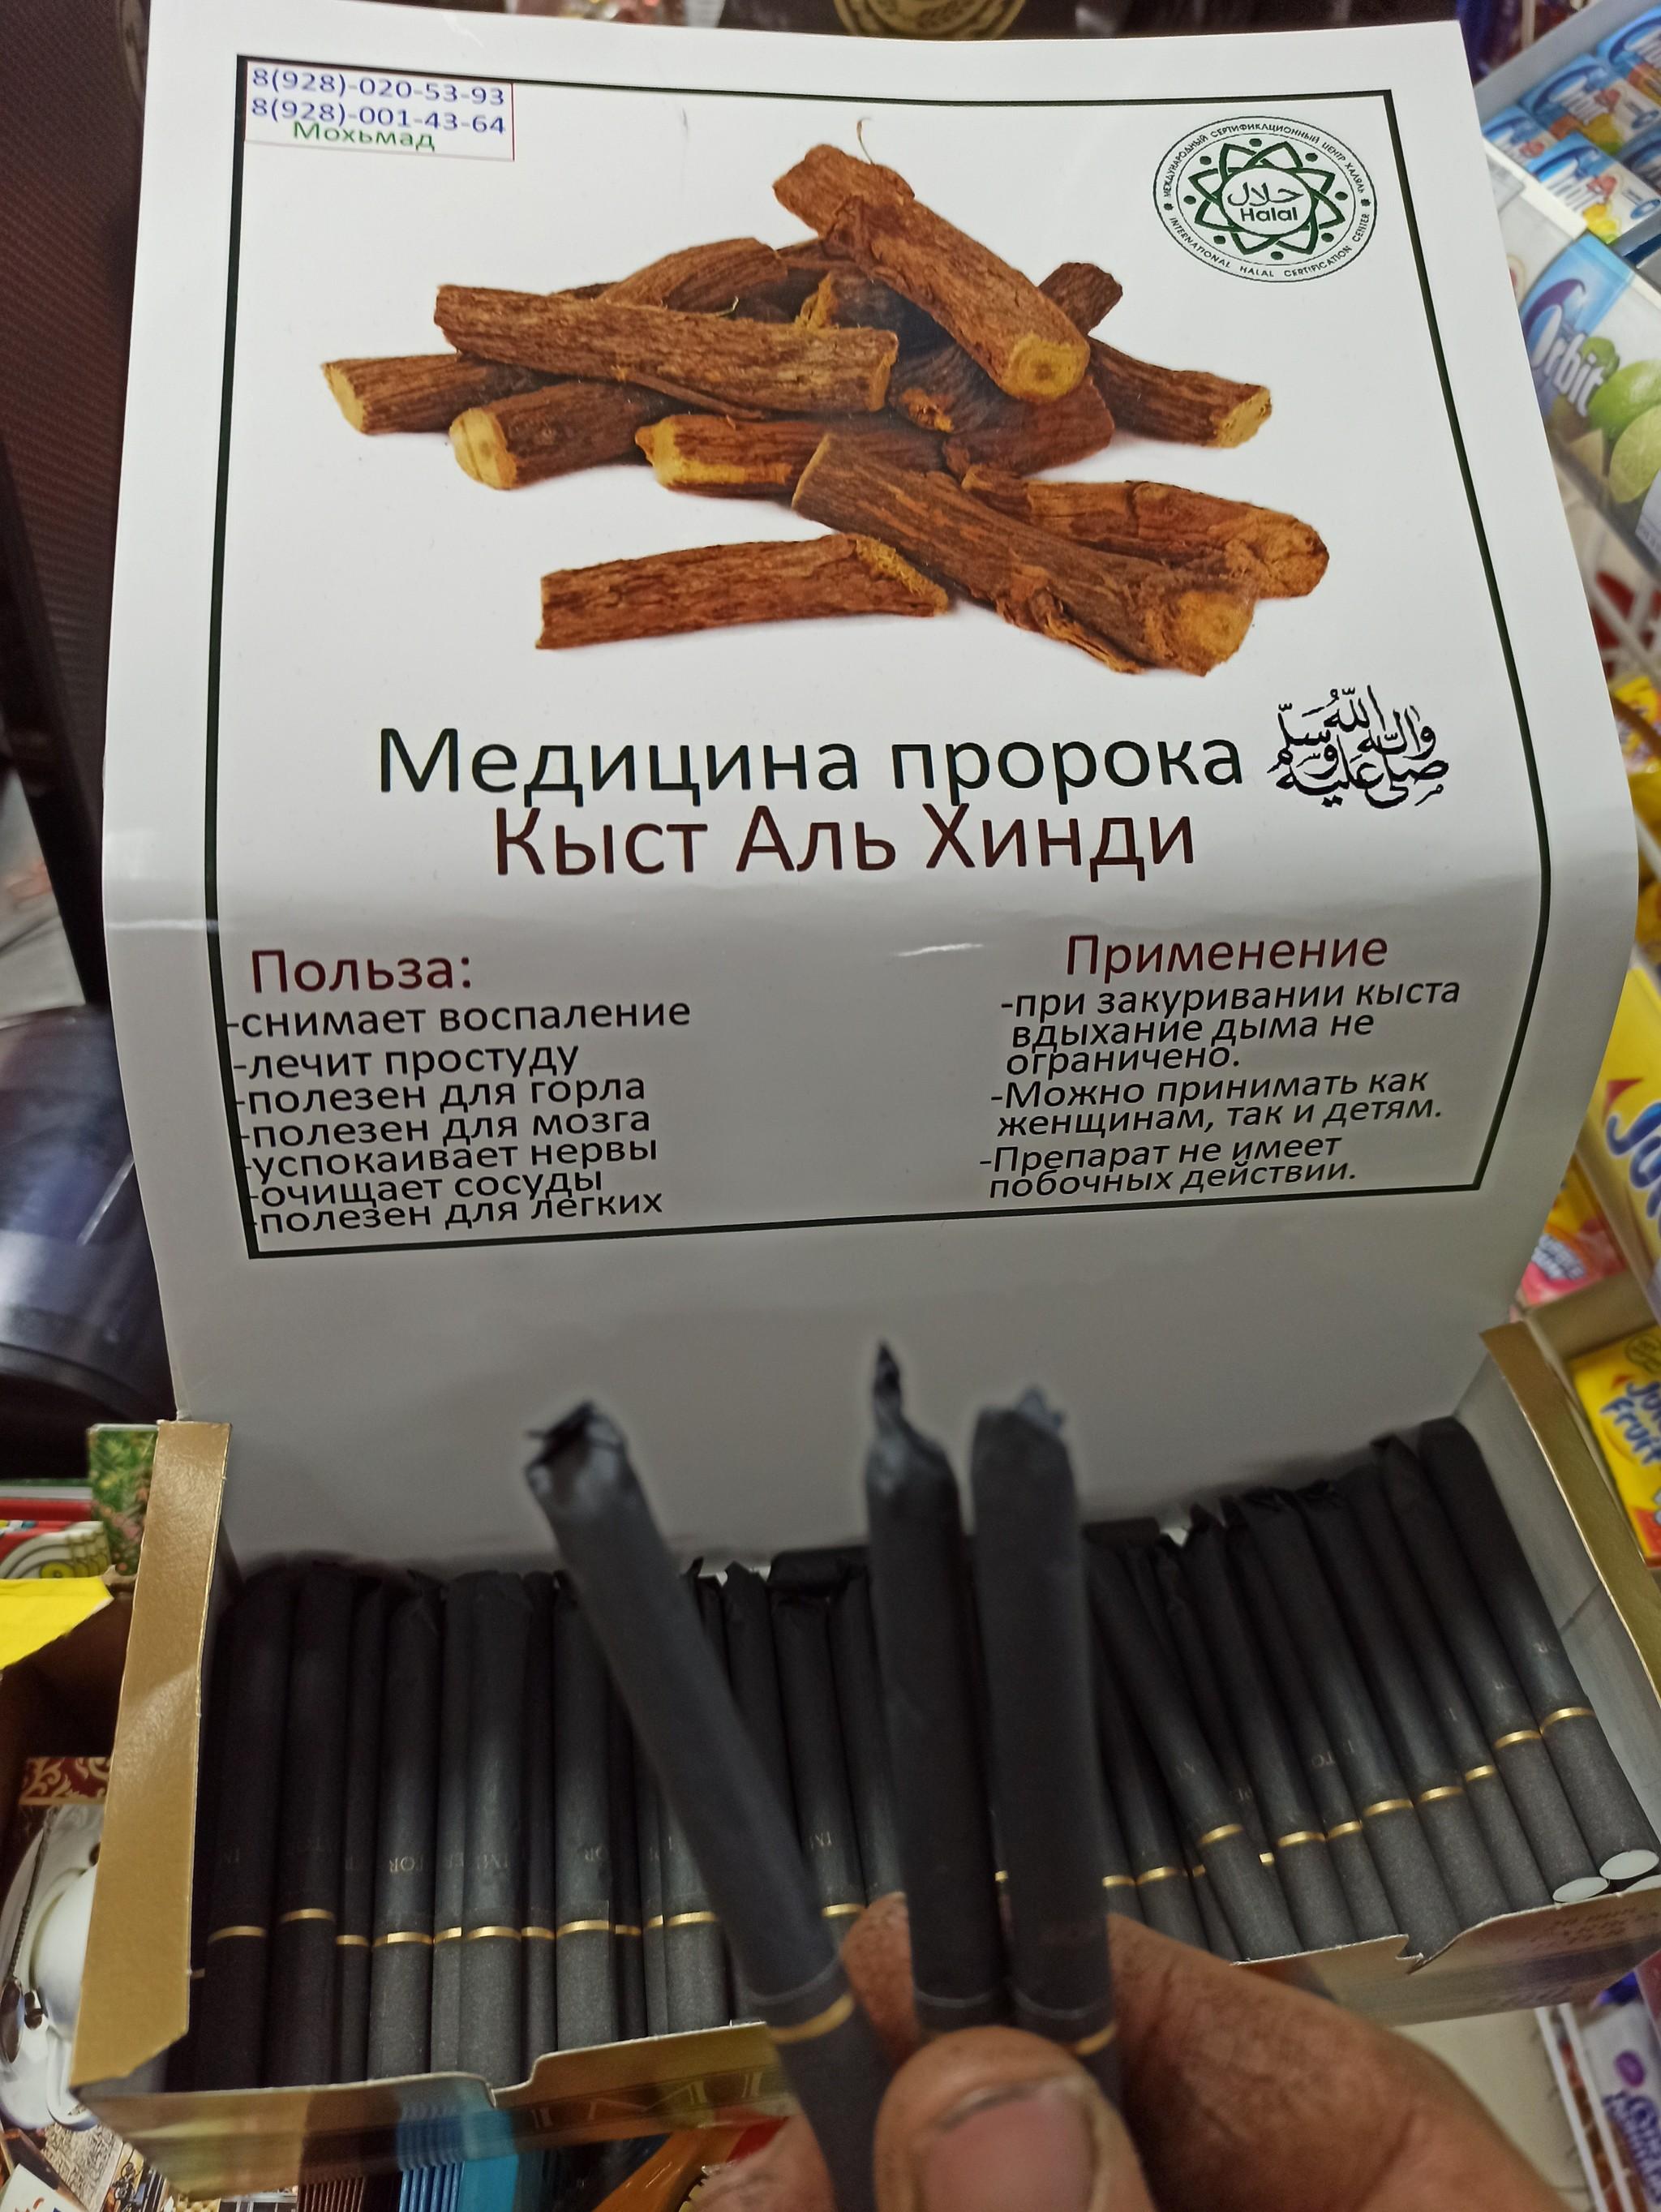 Кыст сигареты купить в москве нз сигареты купить оптом